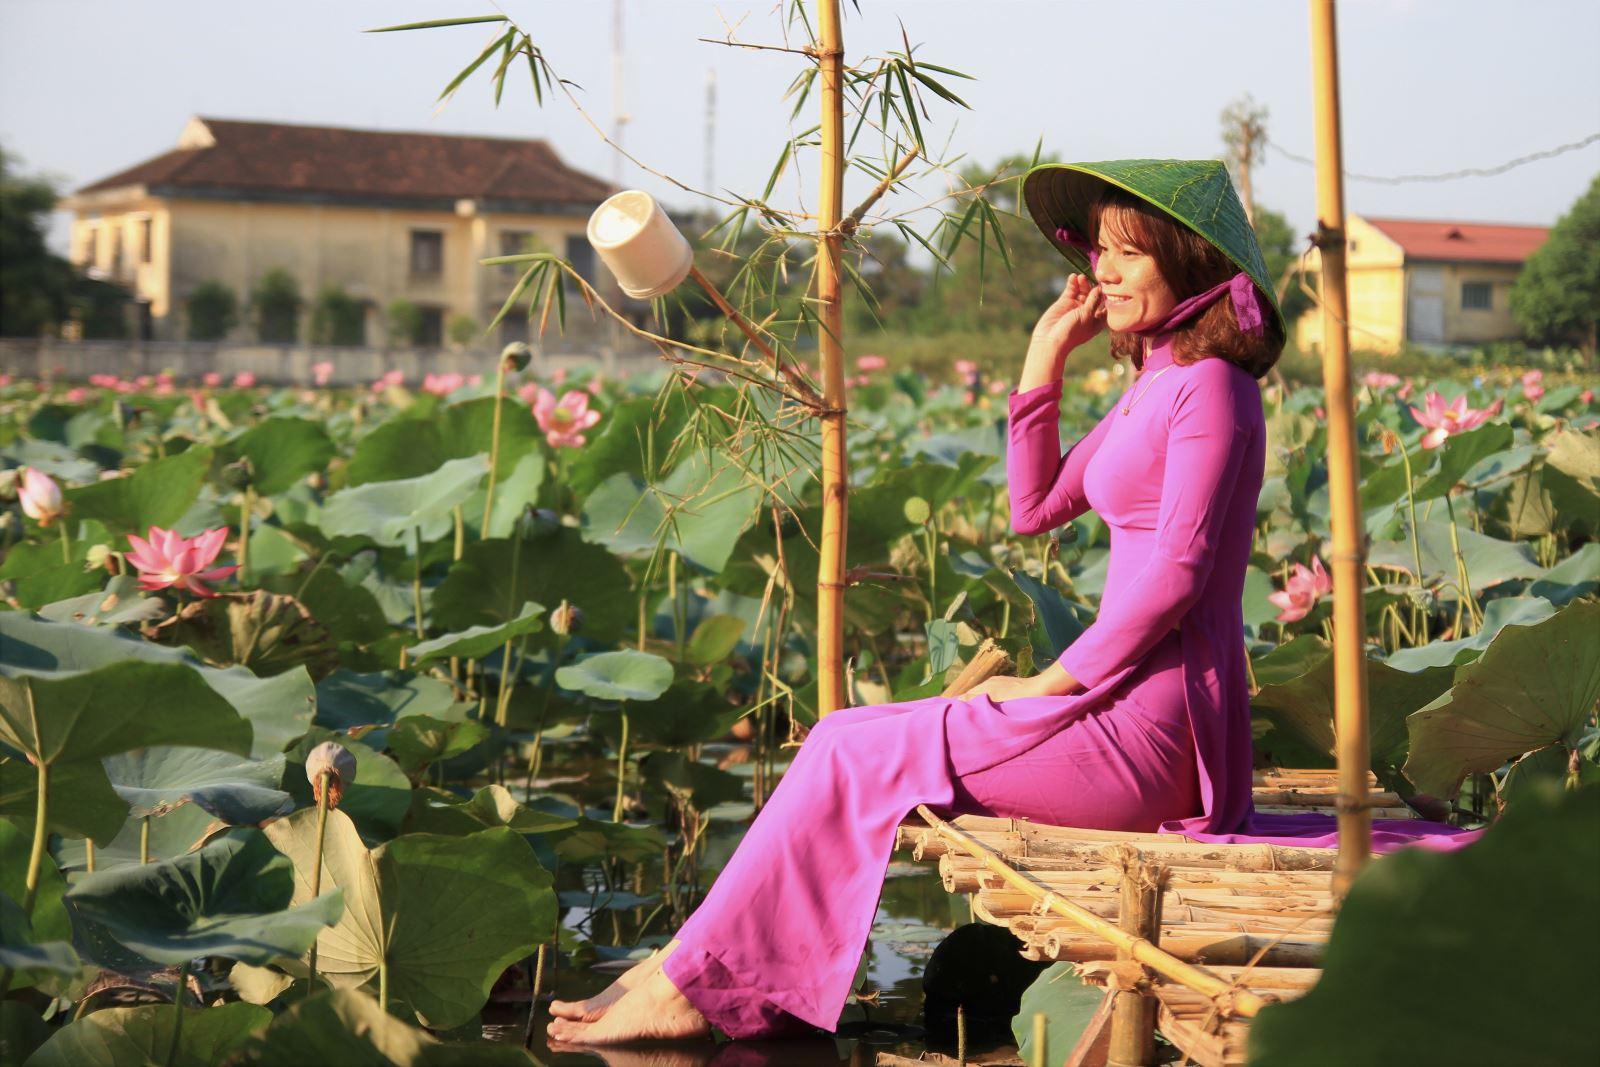 Mùa Sen Ở Huế vừa đẹp vừa thơm, làm say đắm lòng người Cố Đô